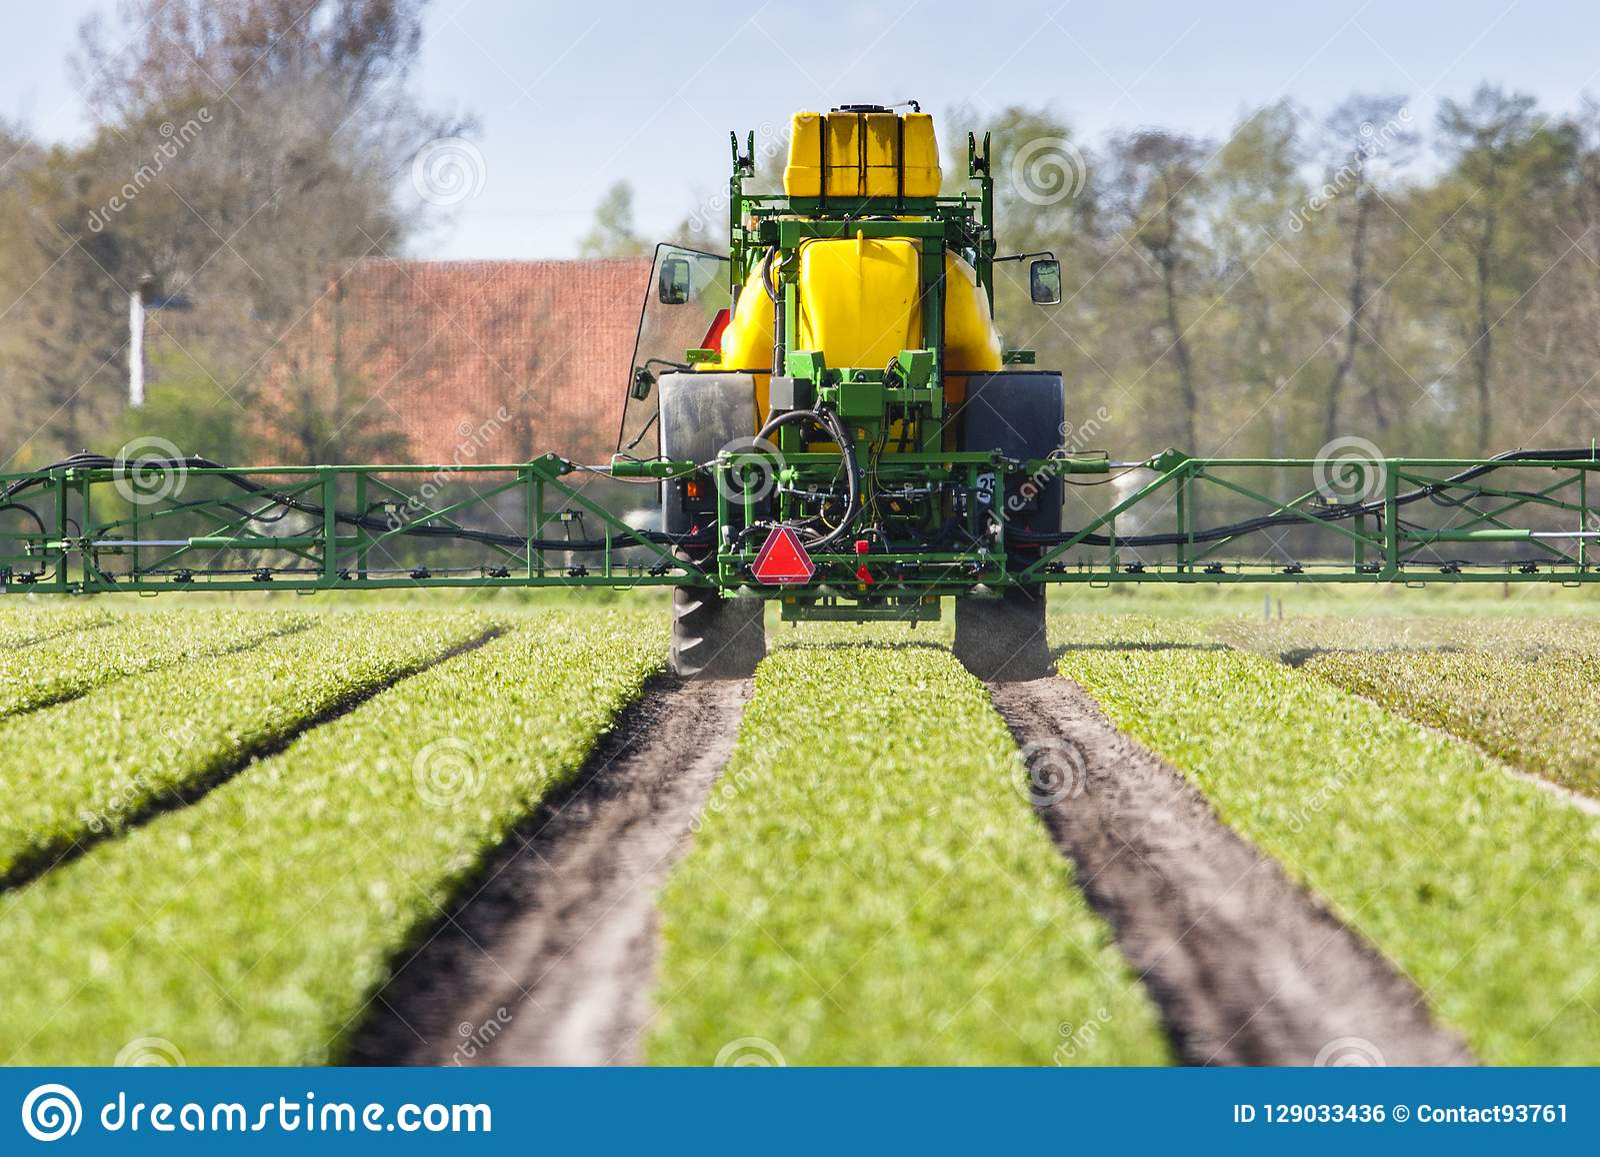 拖拉机死landbouwgif spuit,拖拉机喷洒的杀虫剂